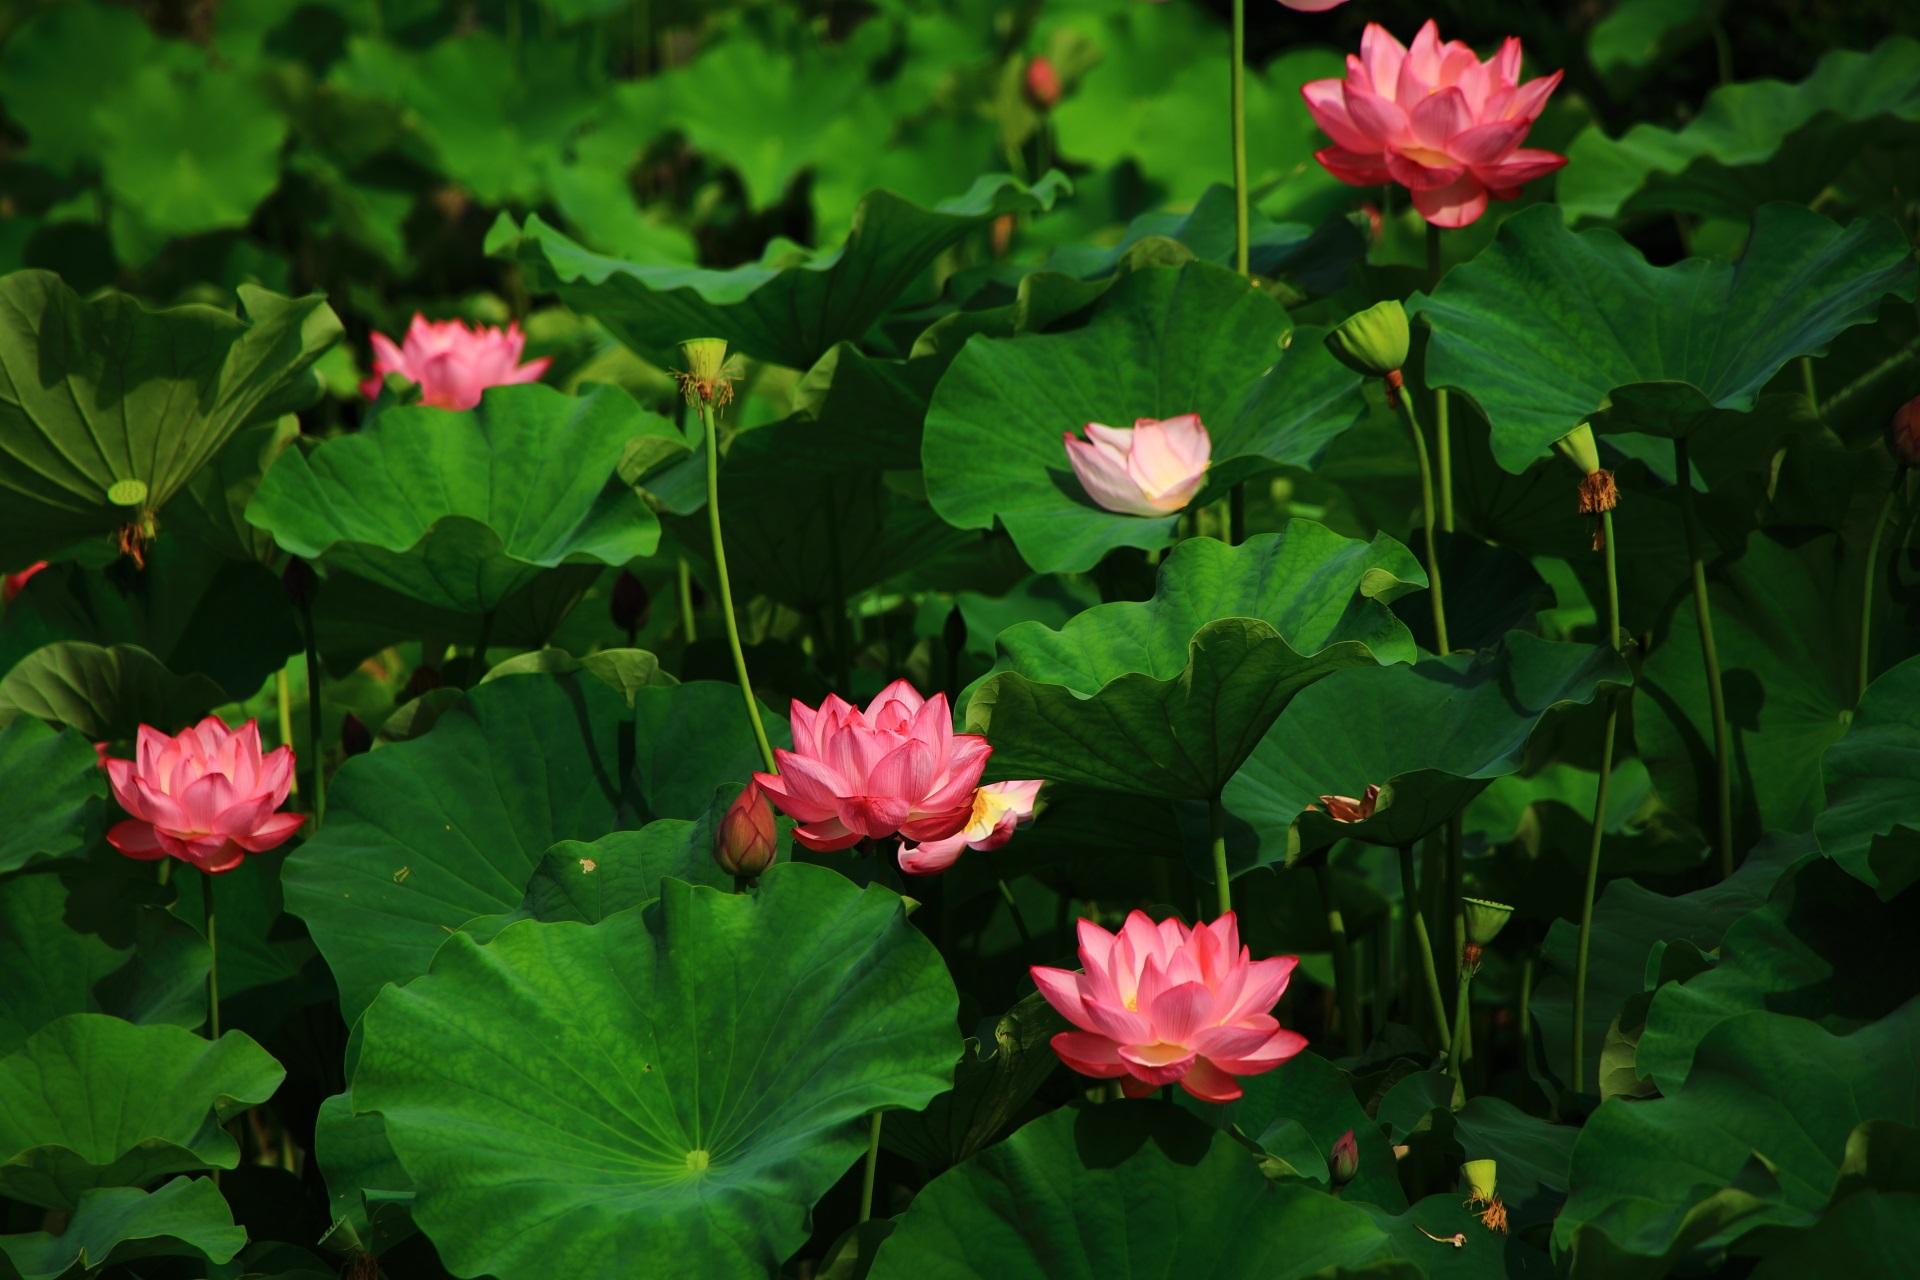 光が当たって煌びやかな蓮の花